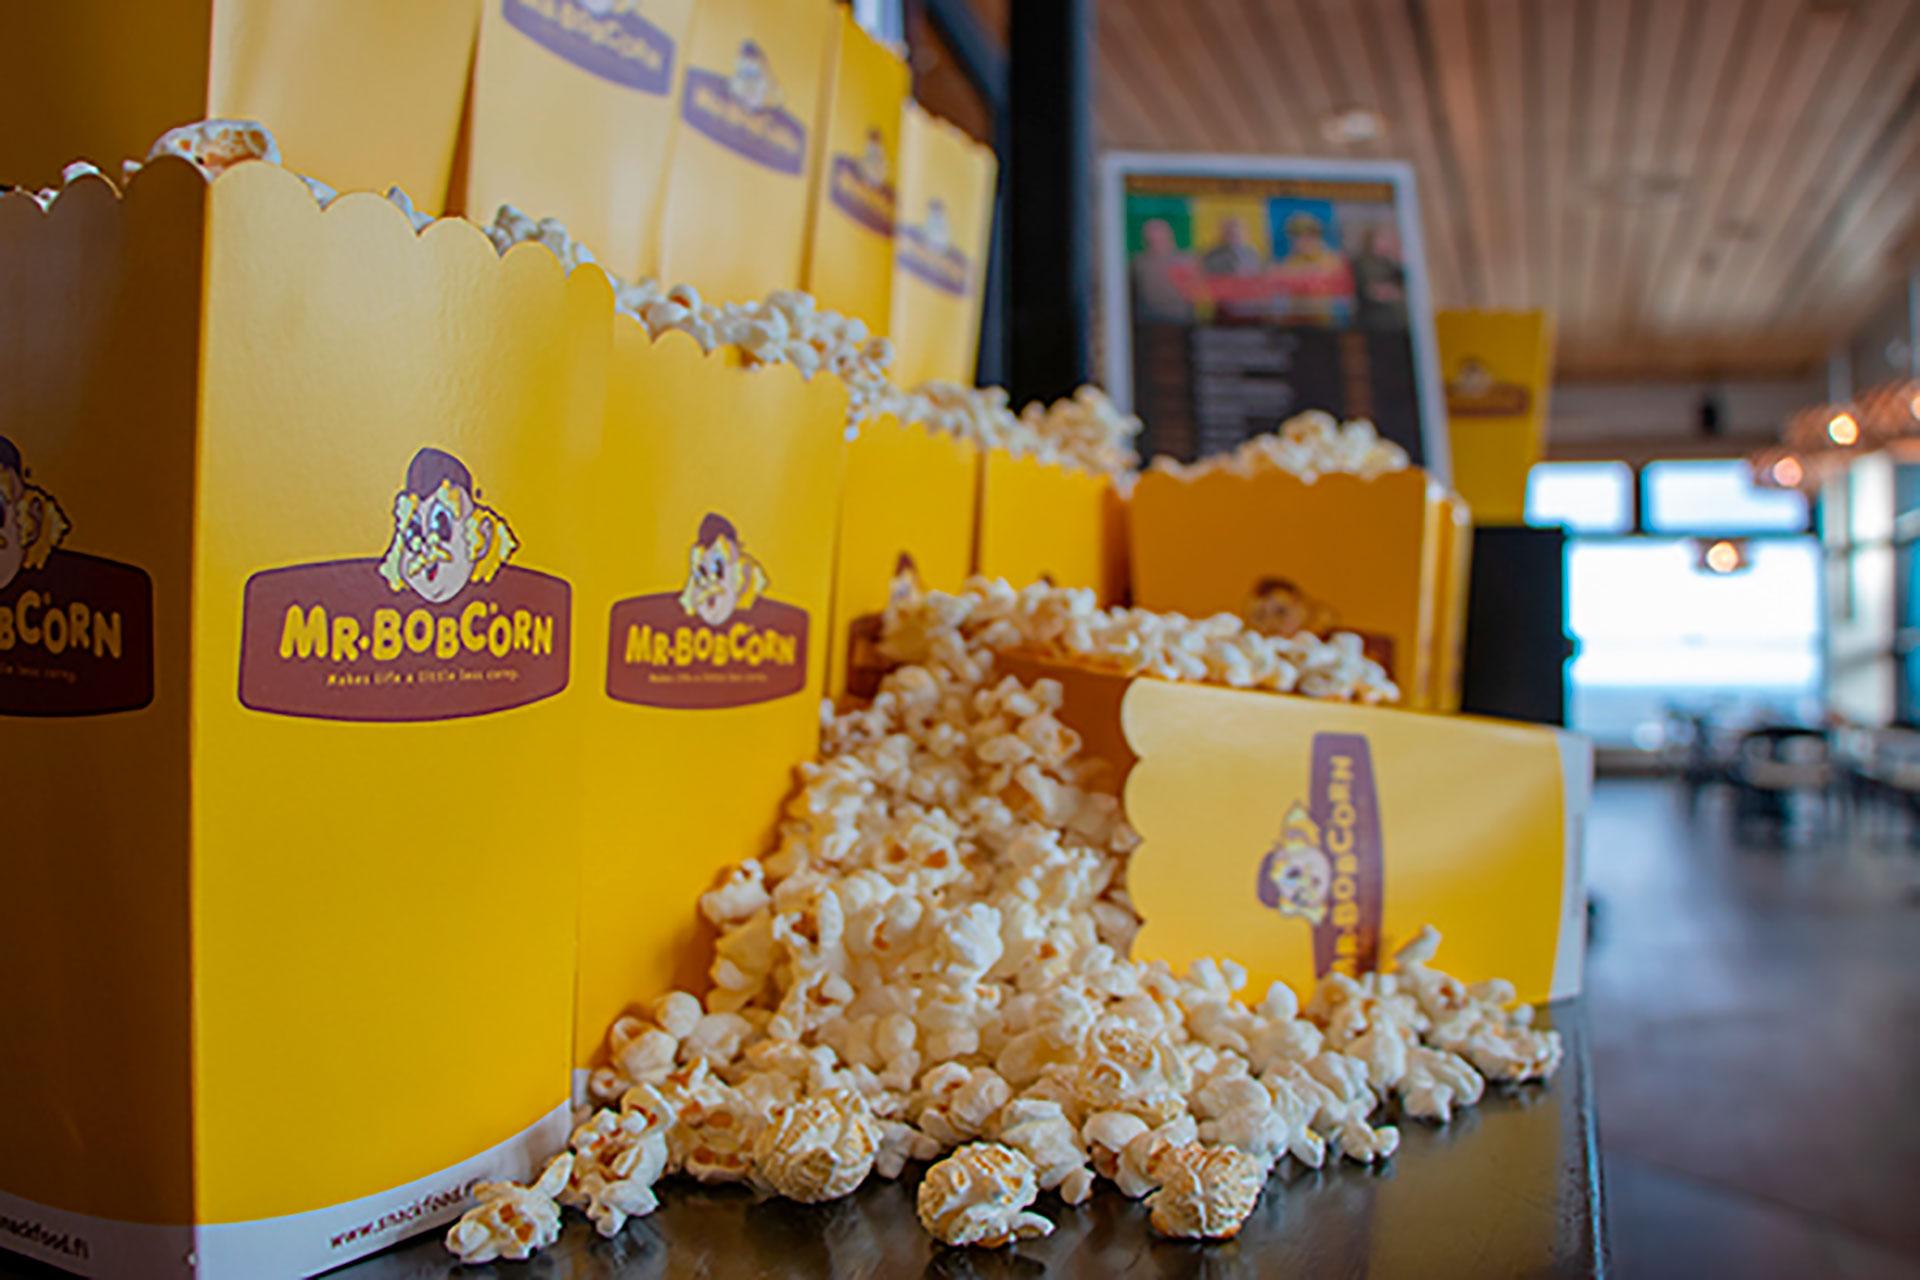 Elokuvateatteri Cinema Levi Summit tarjoaa uusimpia elokuvia suurelta näytöltä sekä elokuvaherkkuja, kuten popcornia.